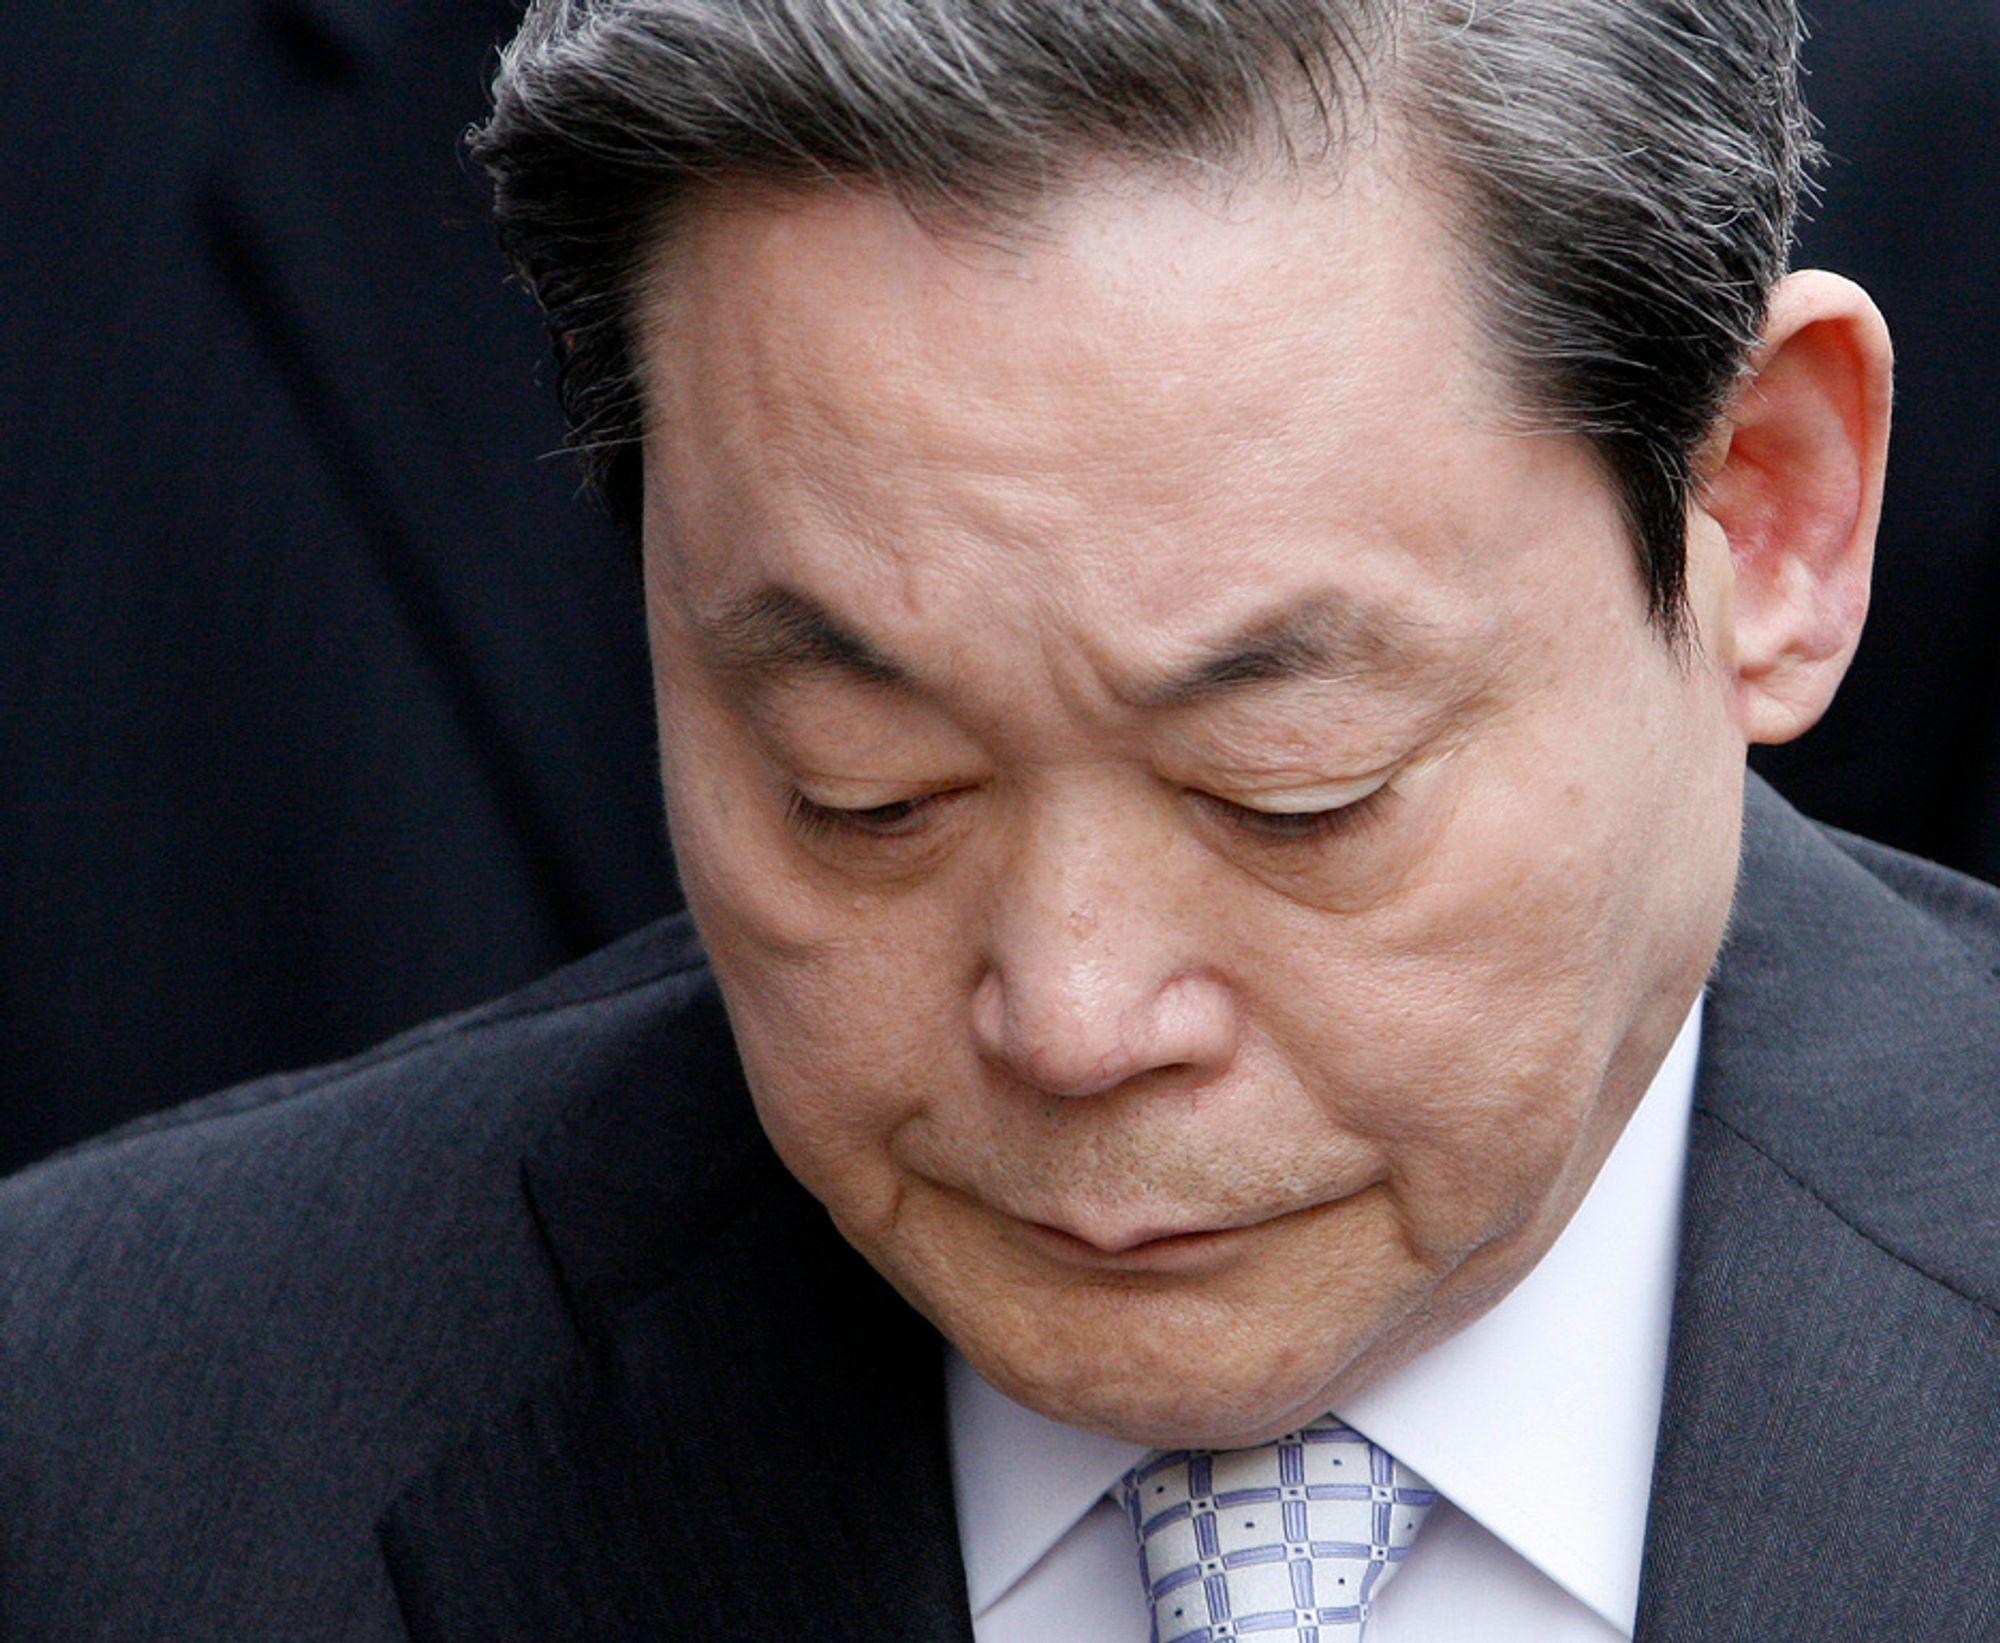 Samsung-sjef Lee Kun-hee må forklare seg. Han har så langt avvist alle beskyldninger om skattesvindel og økonomisk utroskap.